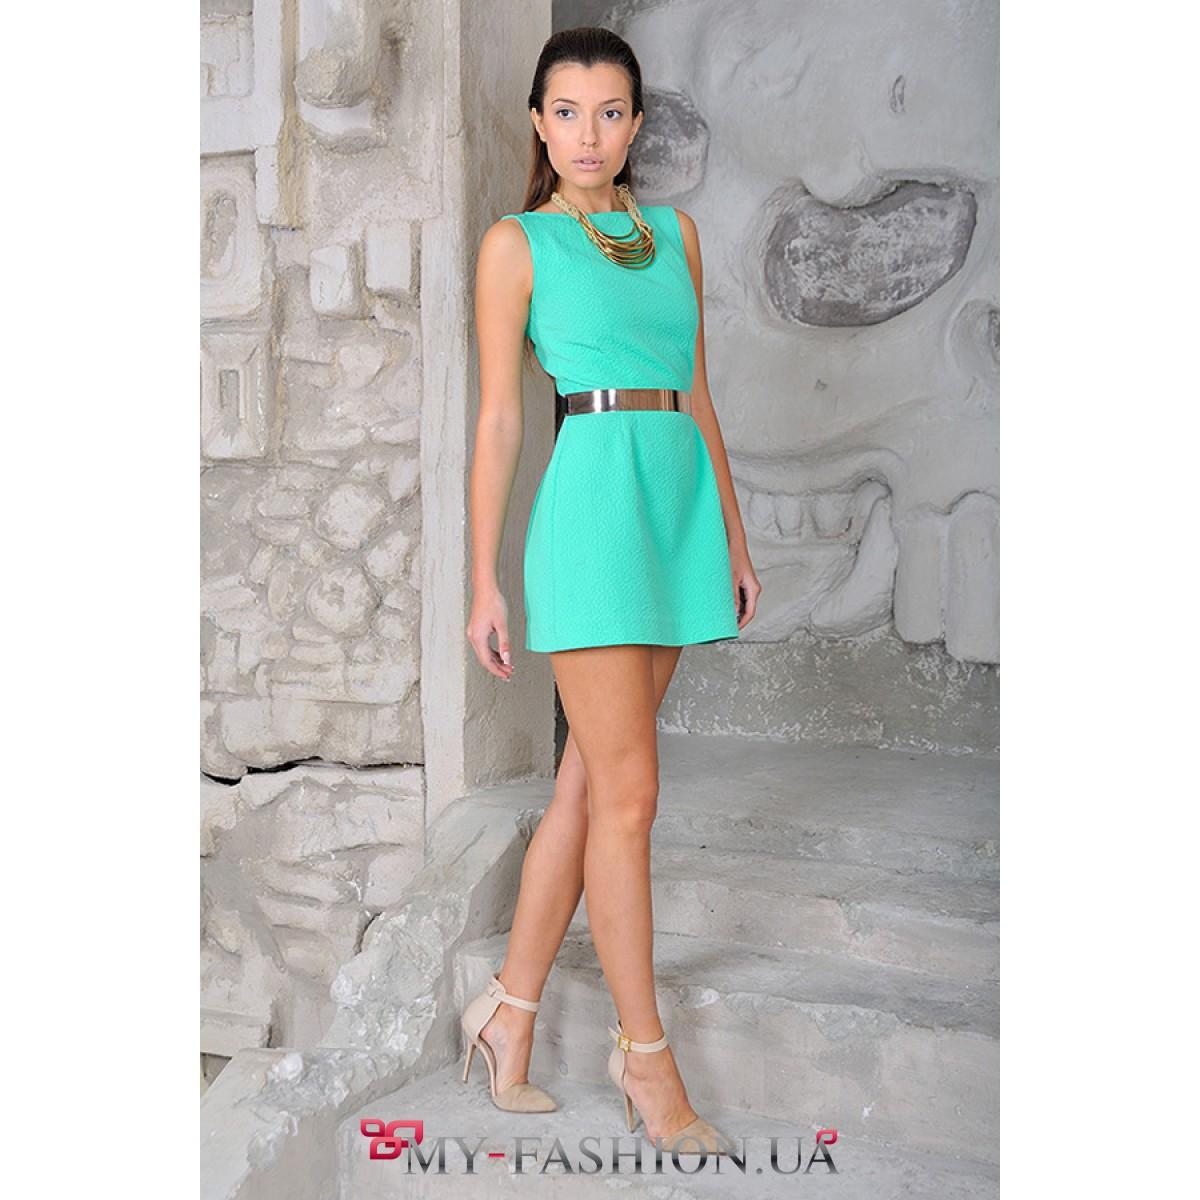 Платье изумрудного цвета фото короткое